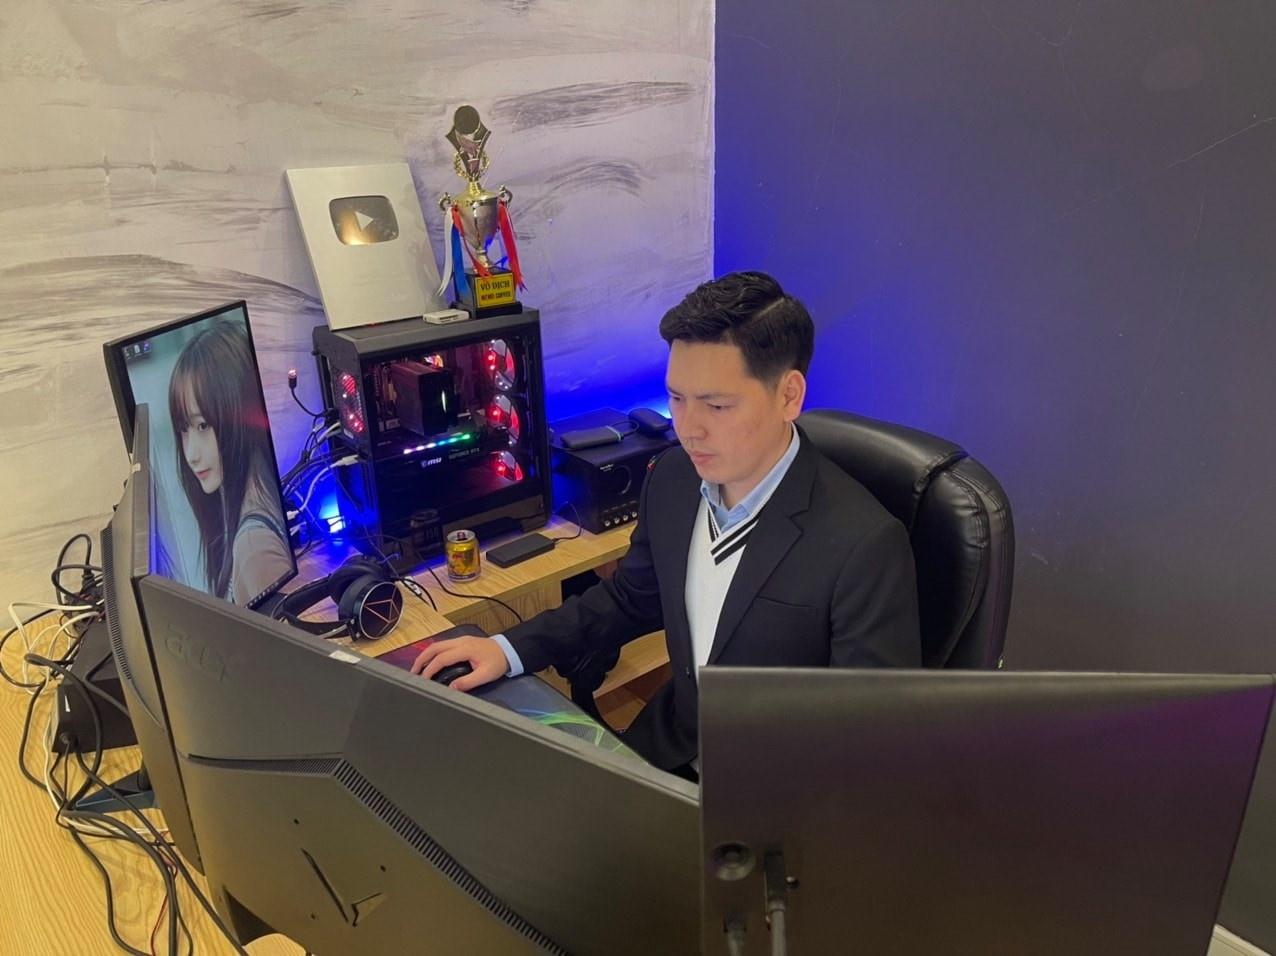 CEO Memogame: 'Tôi trở thành streamer vì đam mê'